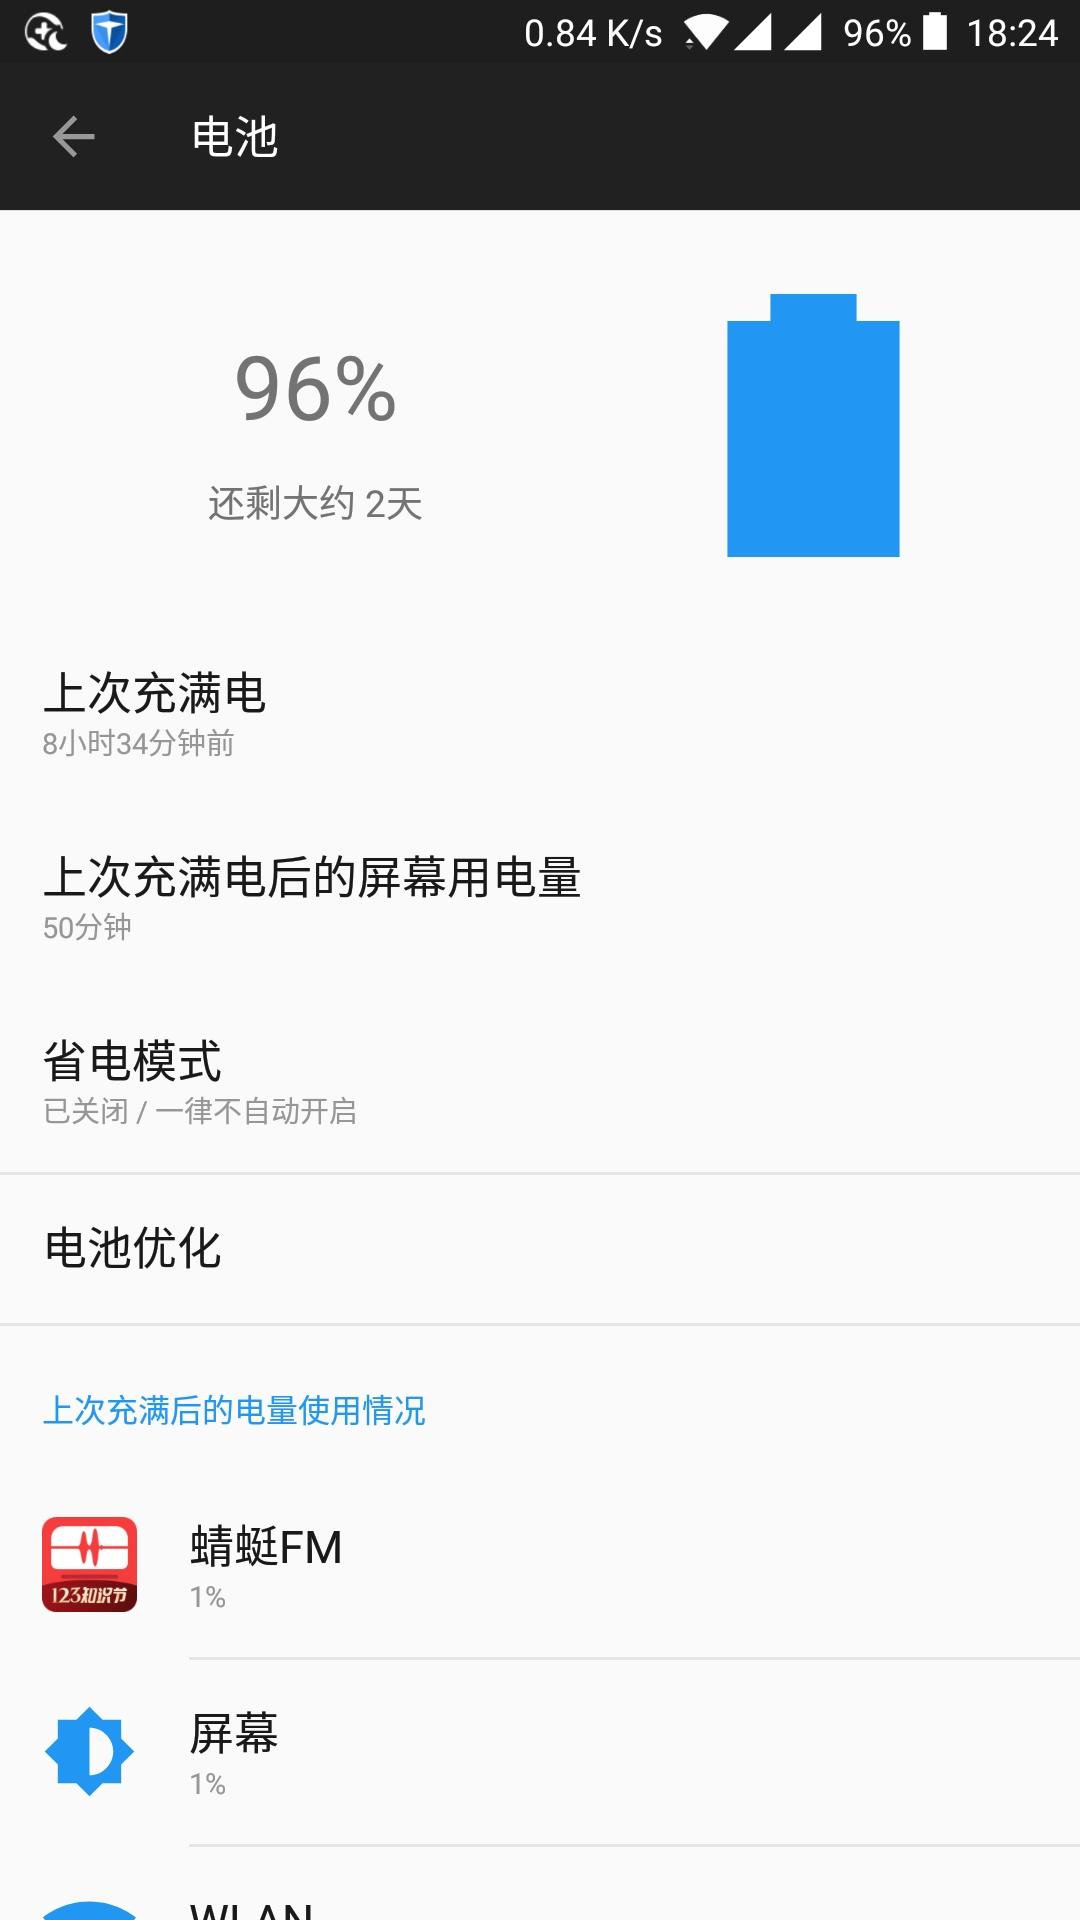 Screenshot_20181210-182425.jpg